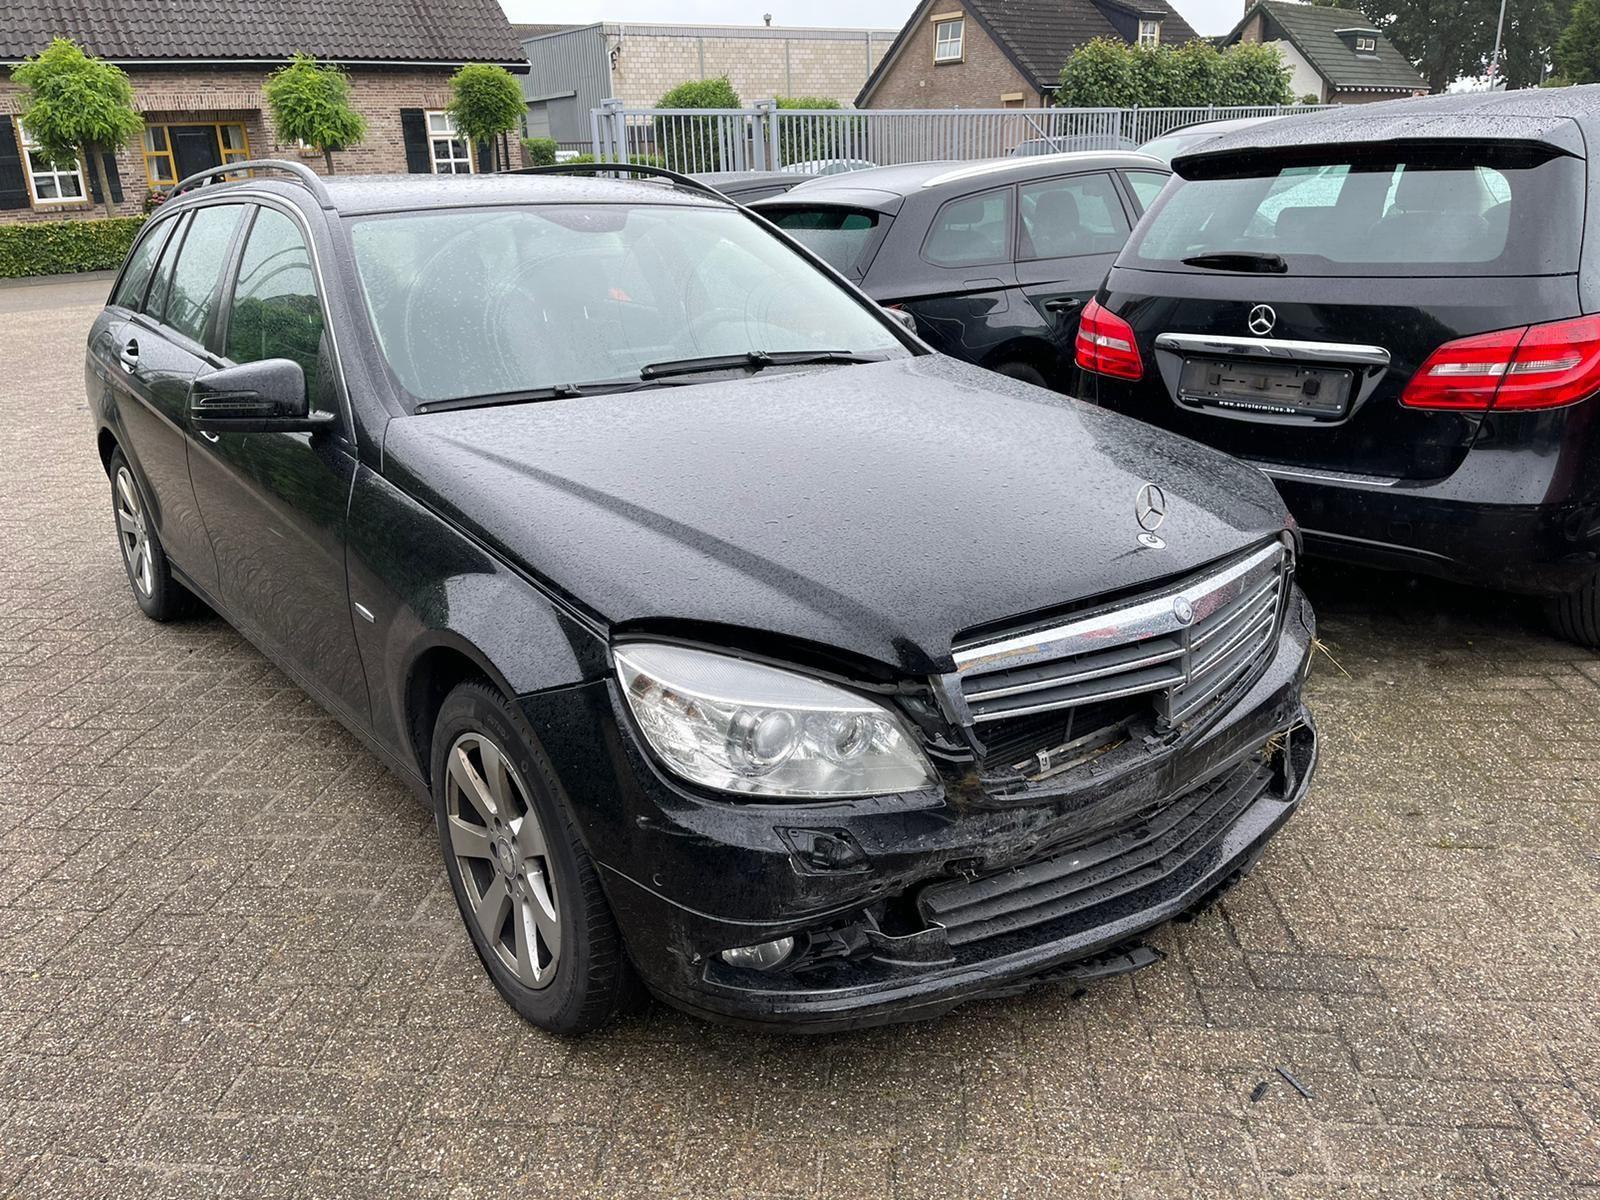 Mercedes-Benz C-klasse Estate occasion - DDM Export B.V.